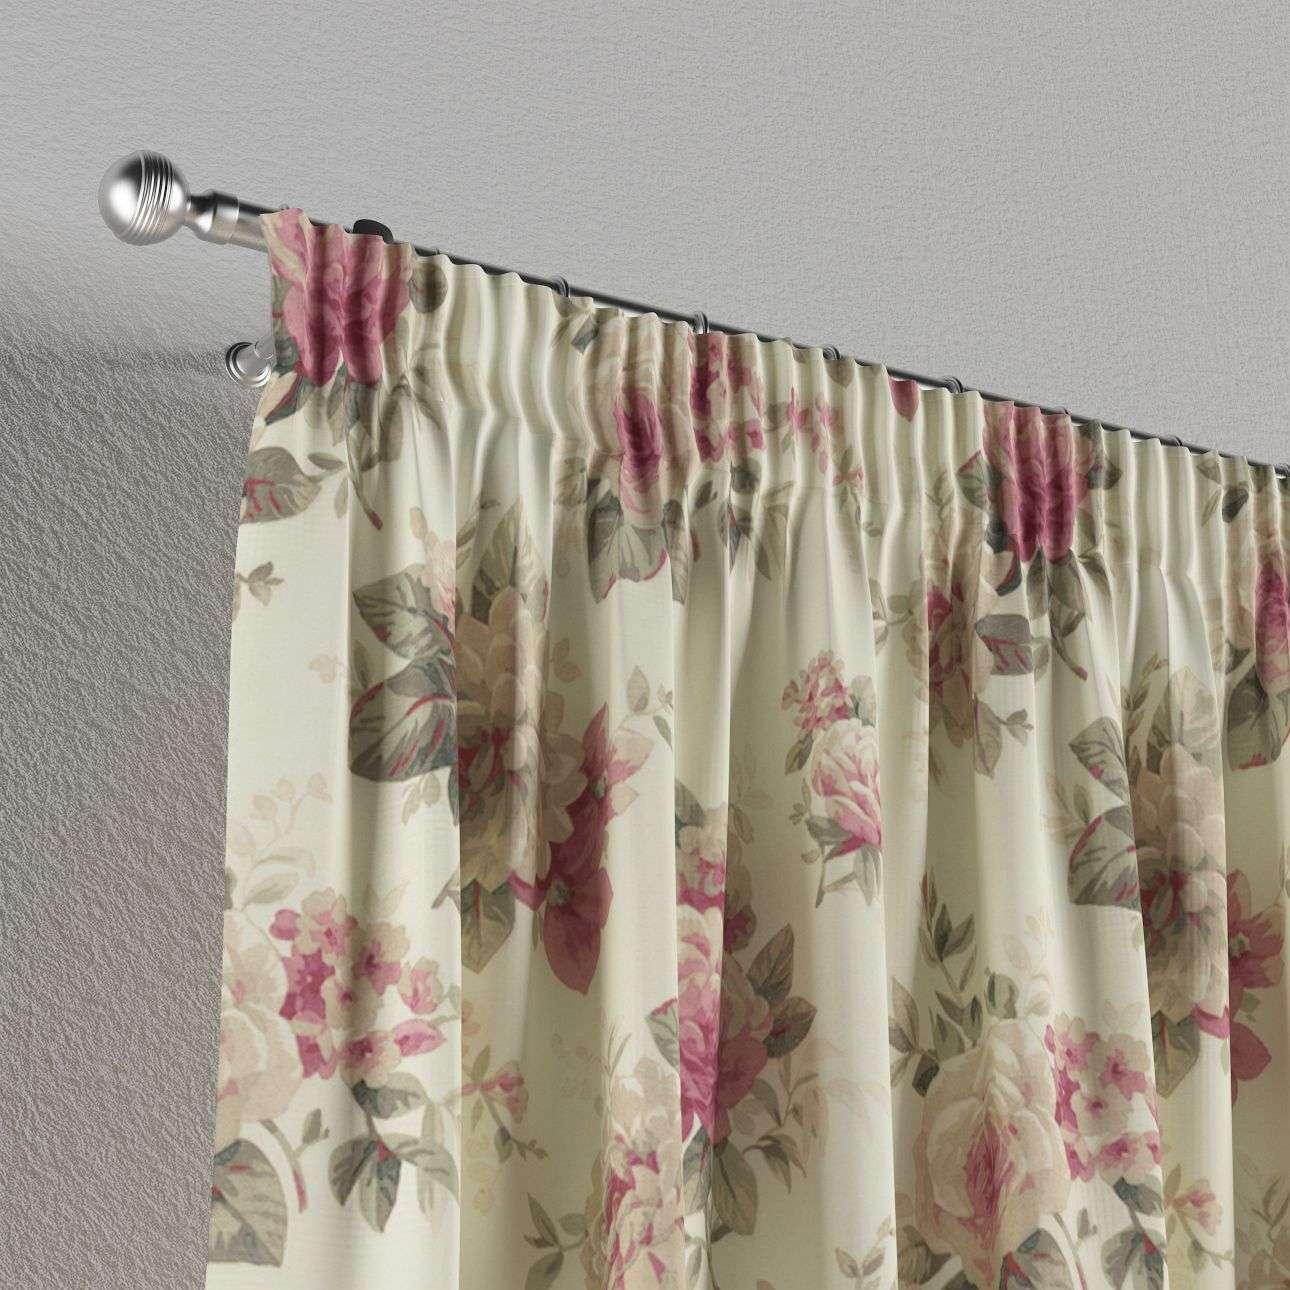 Vorhang mit Kräuselband 130 x 260 cm von der Kollektion Mirella, Stoff: 141-07